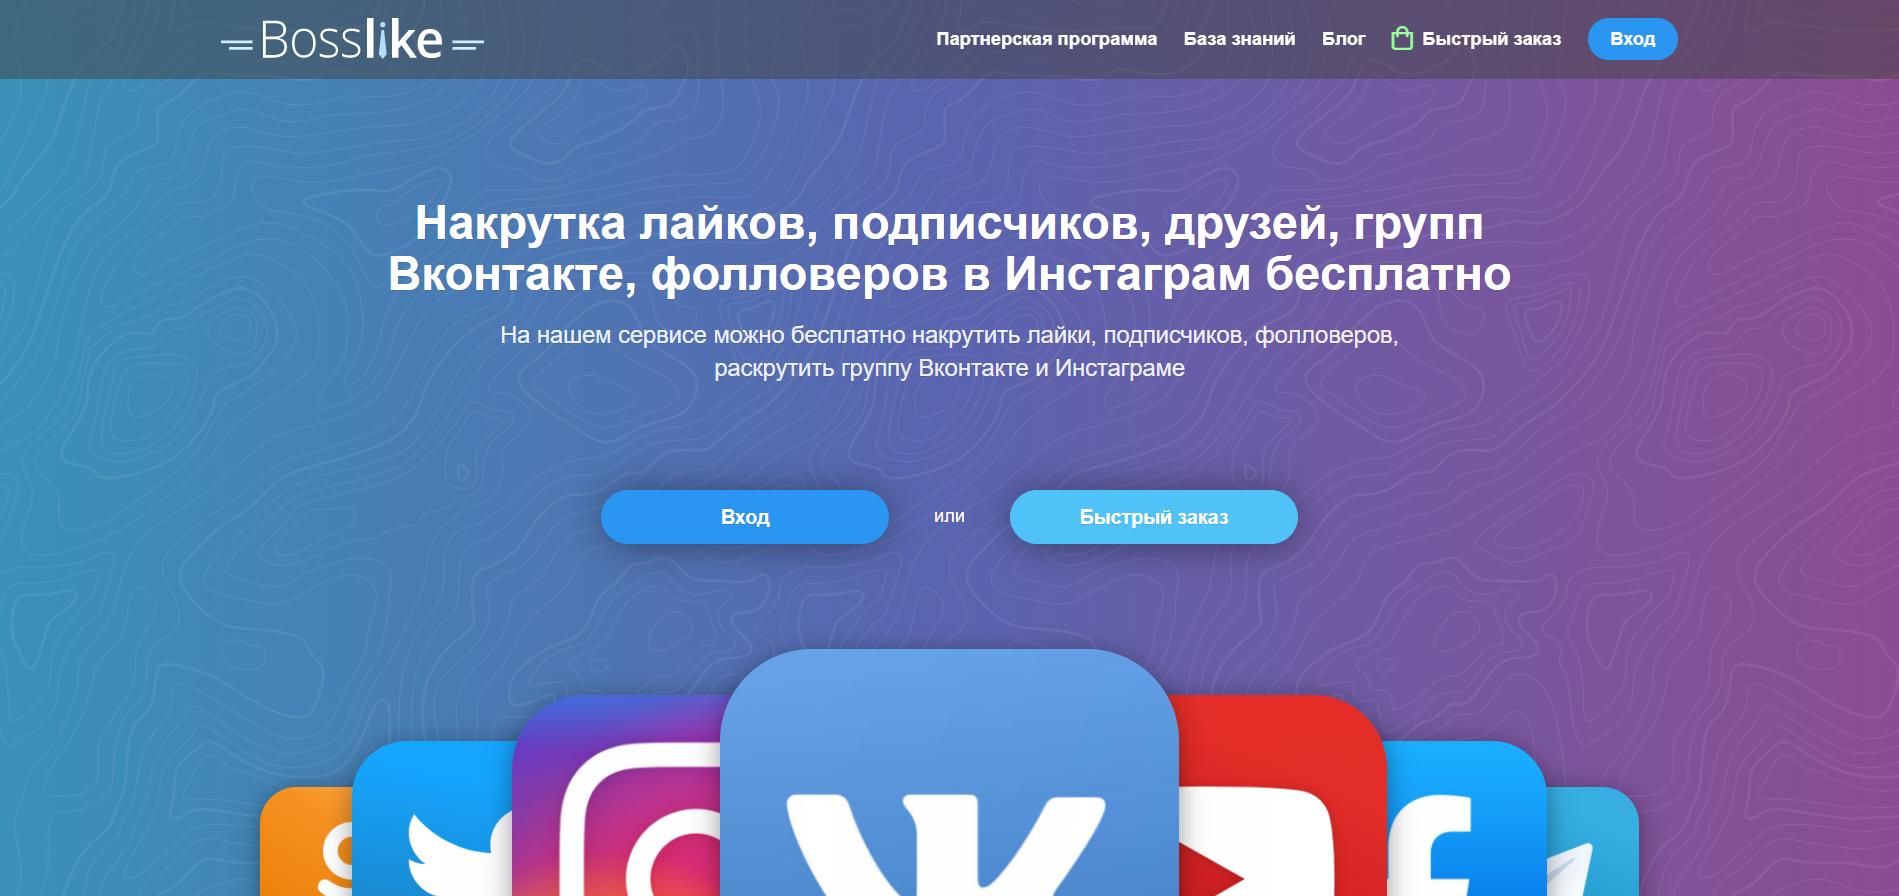 Bosslike бесплатный сервис для накрутки подписчиков в инстаграме